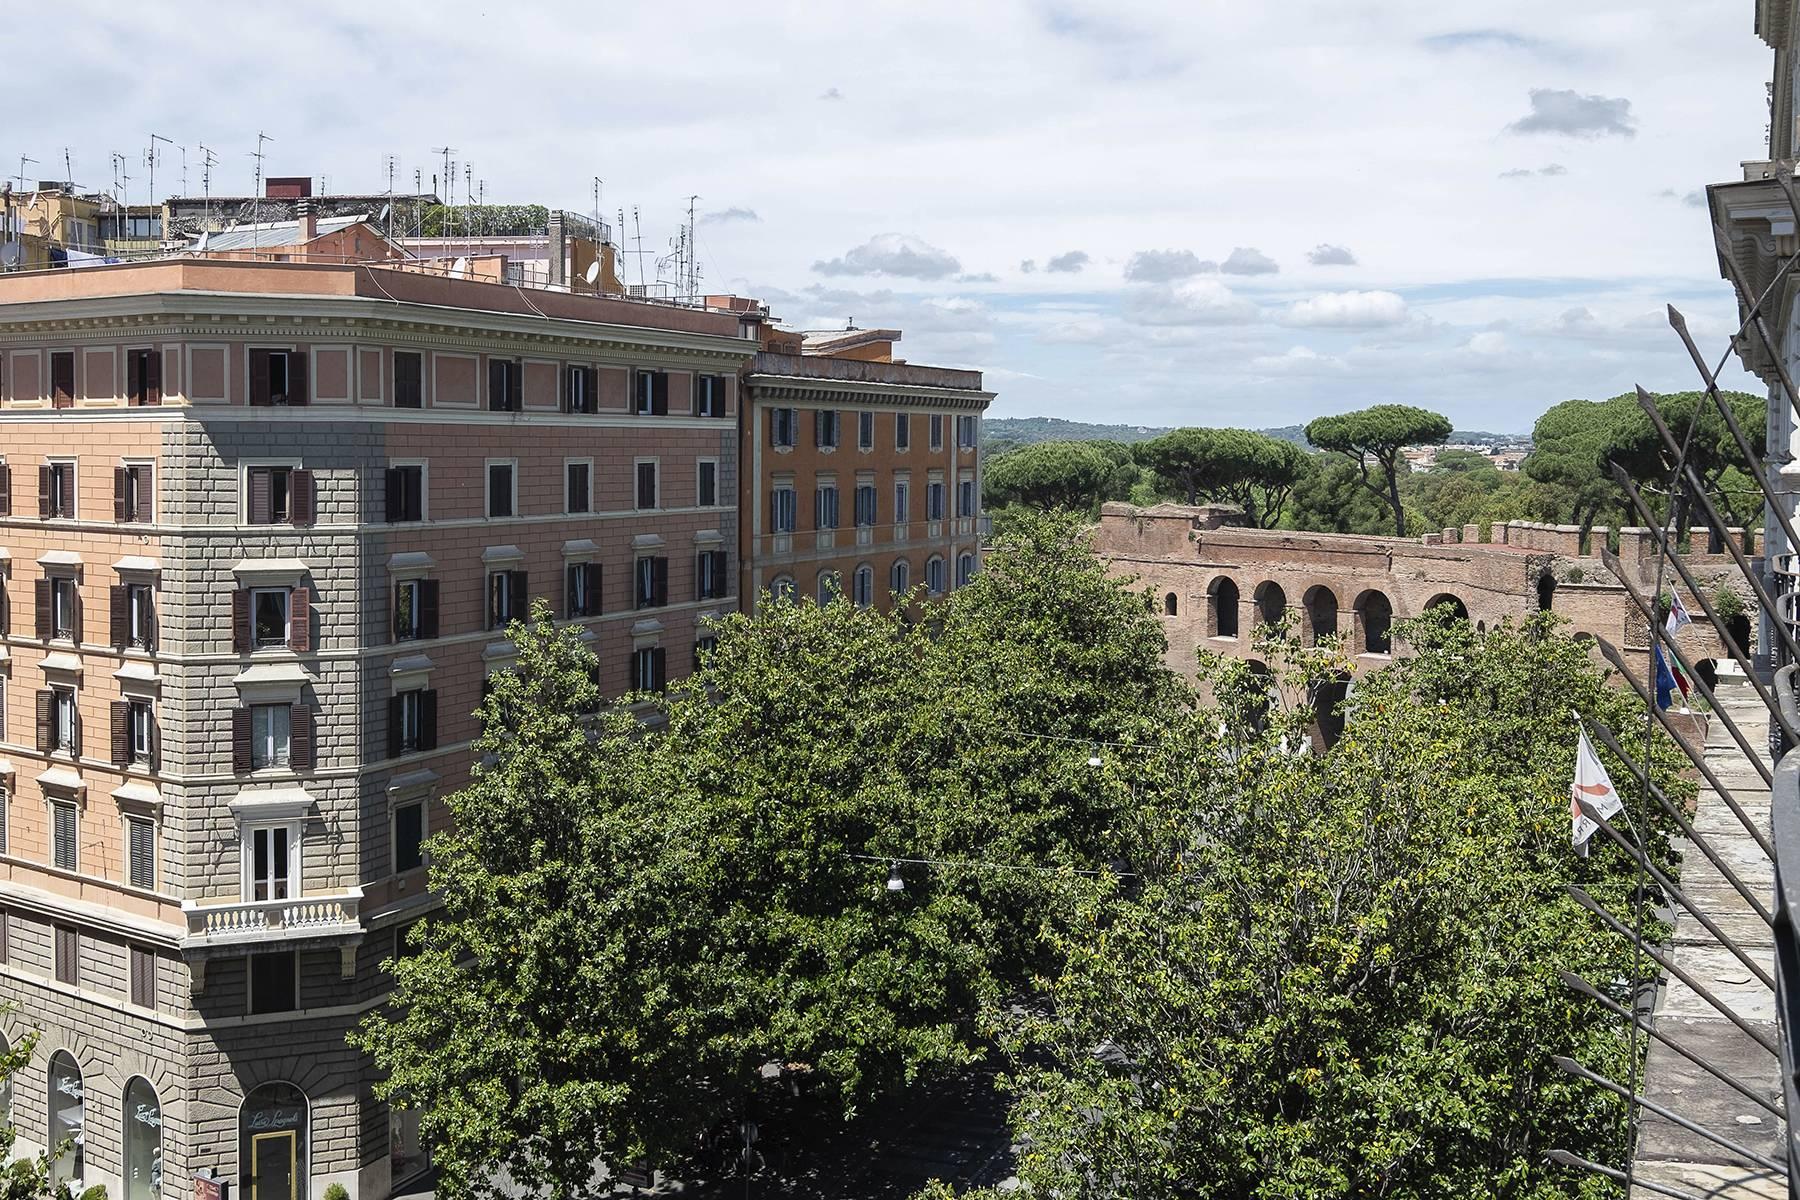 Attico in Vendita a Roma: 5 locali, 268 mq - Foto 22